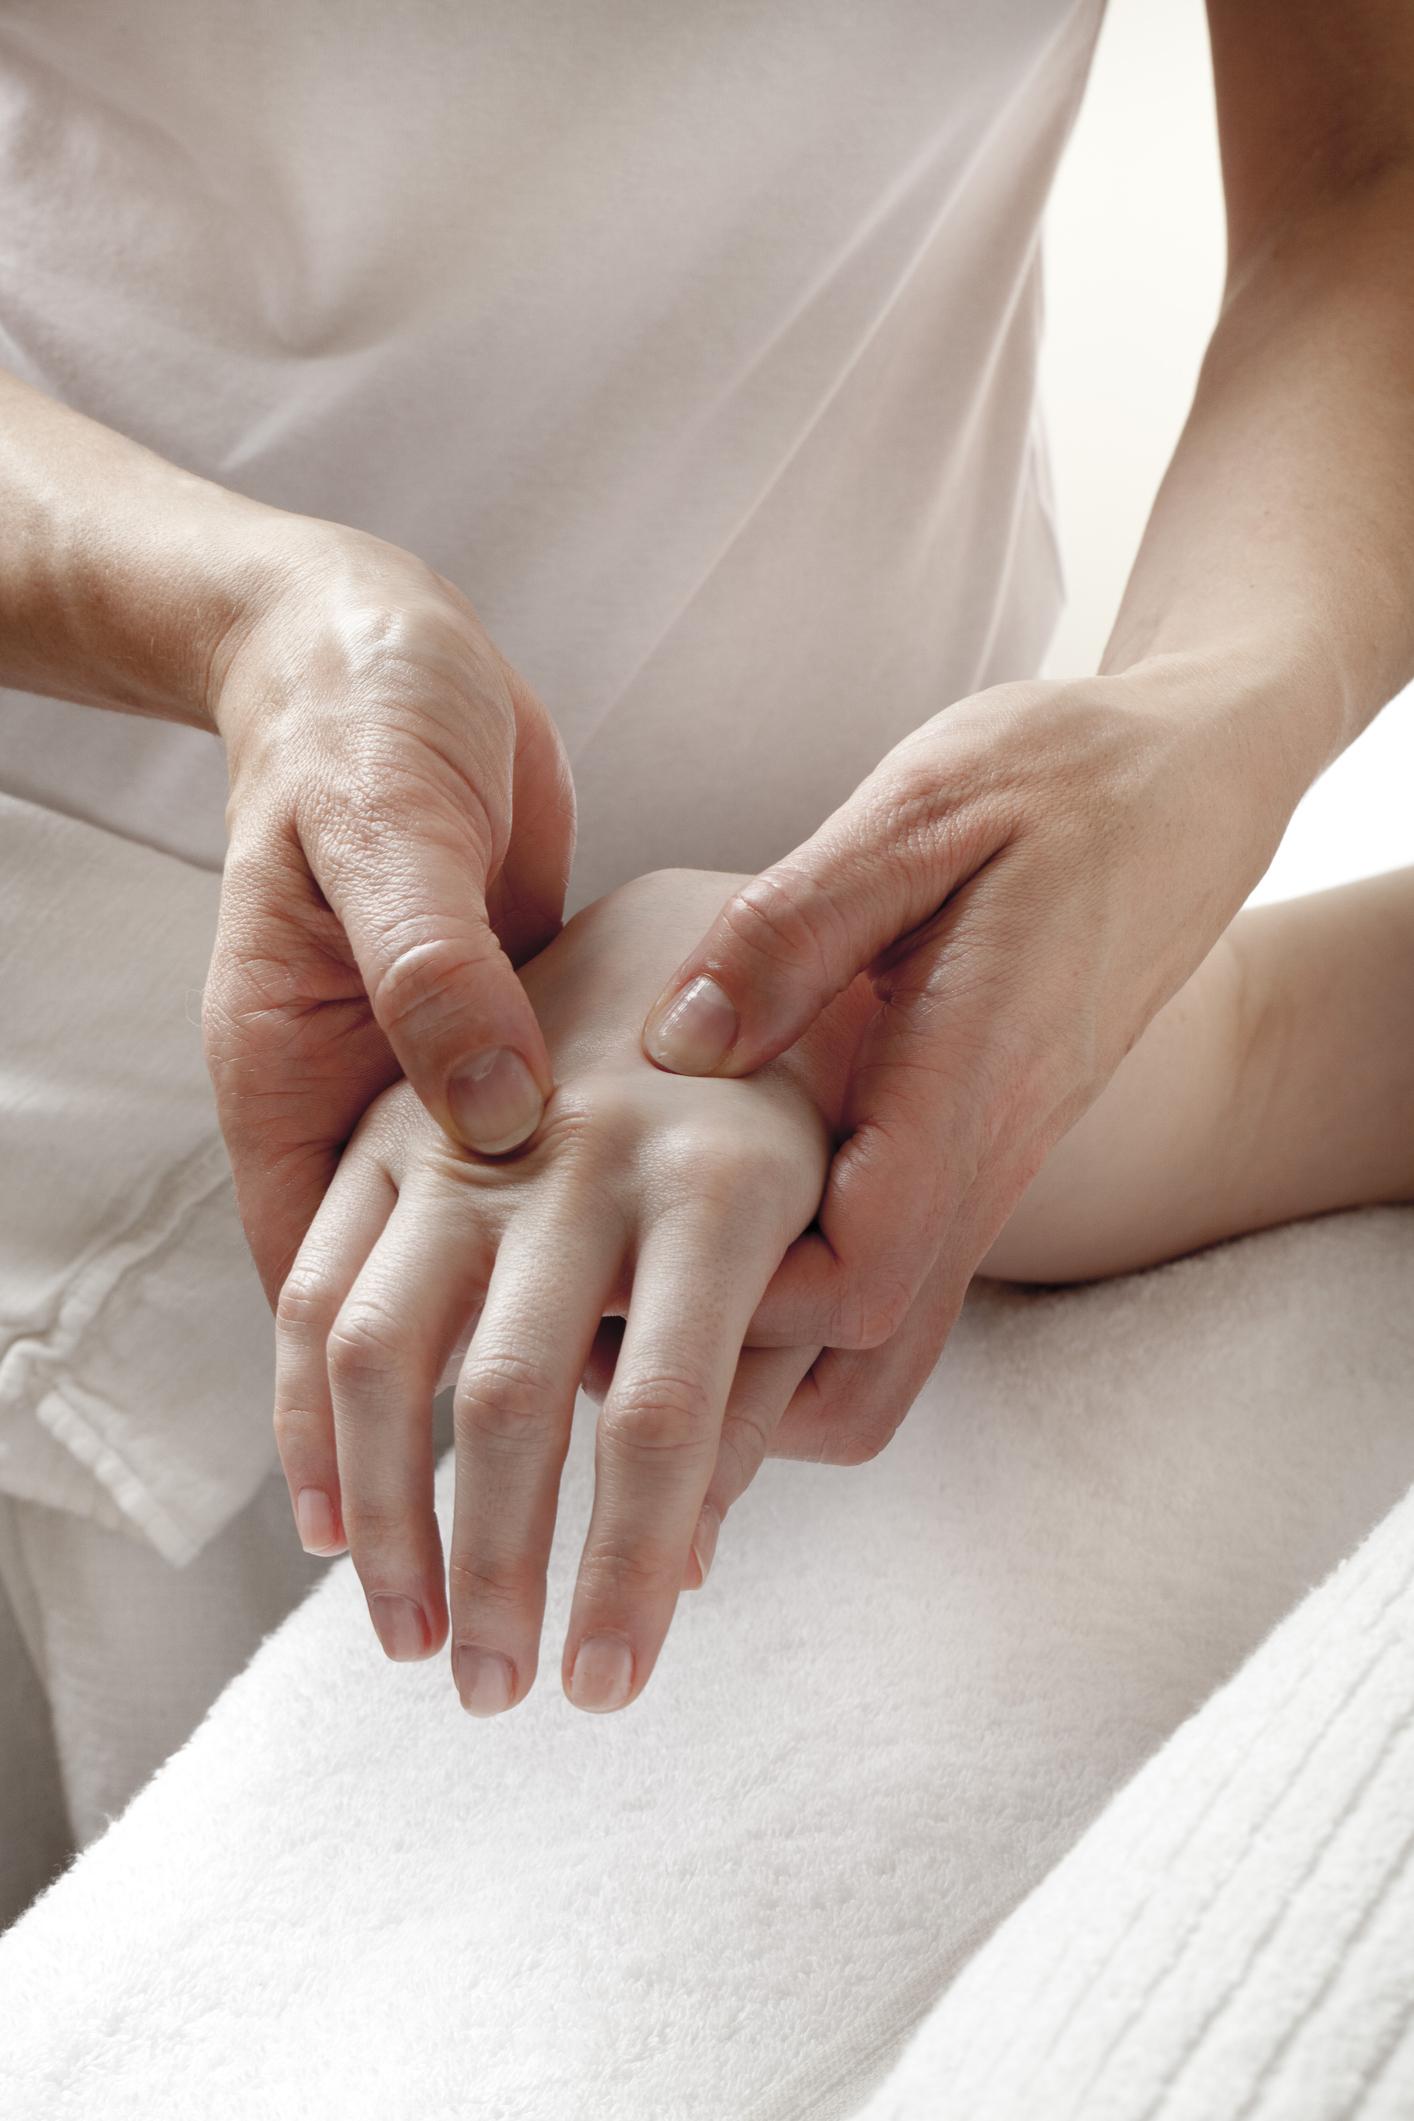 Boli ale articulațiilor încheieturii mâinilor